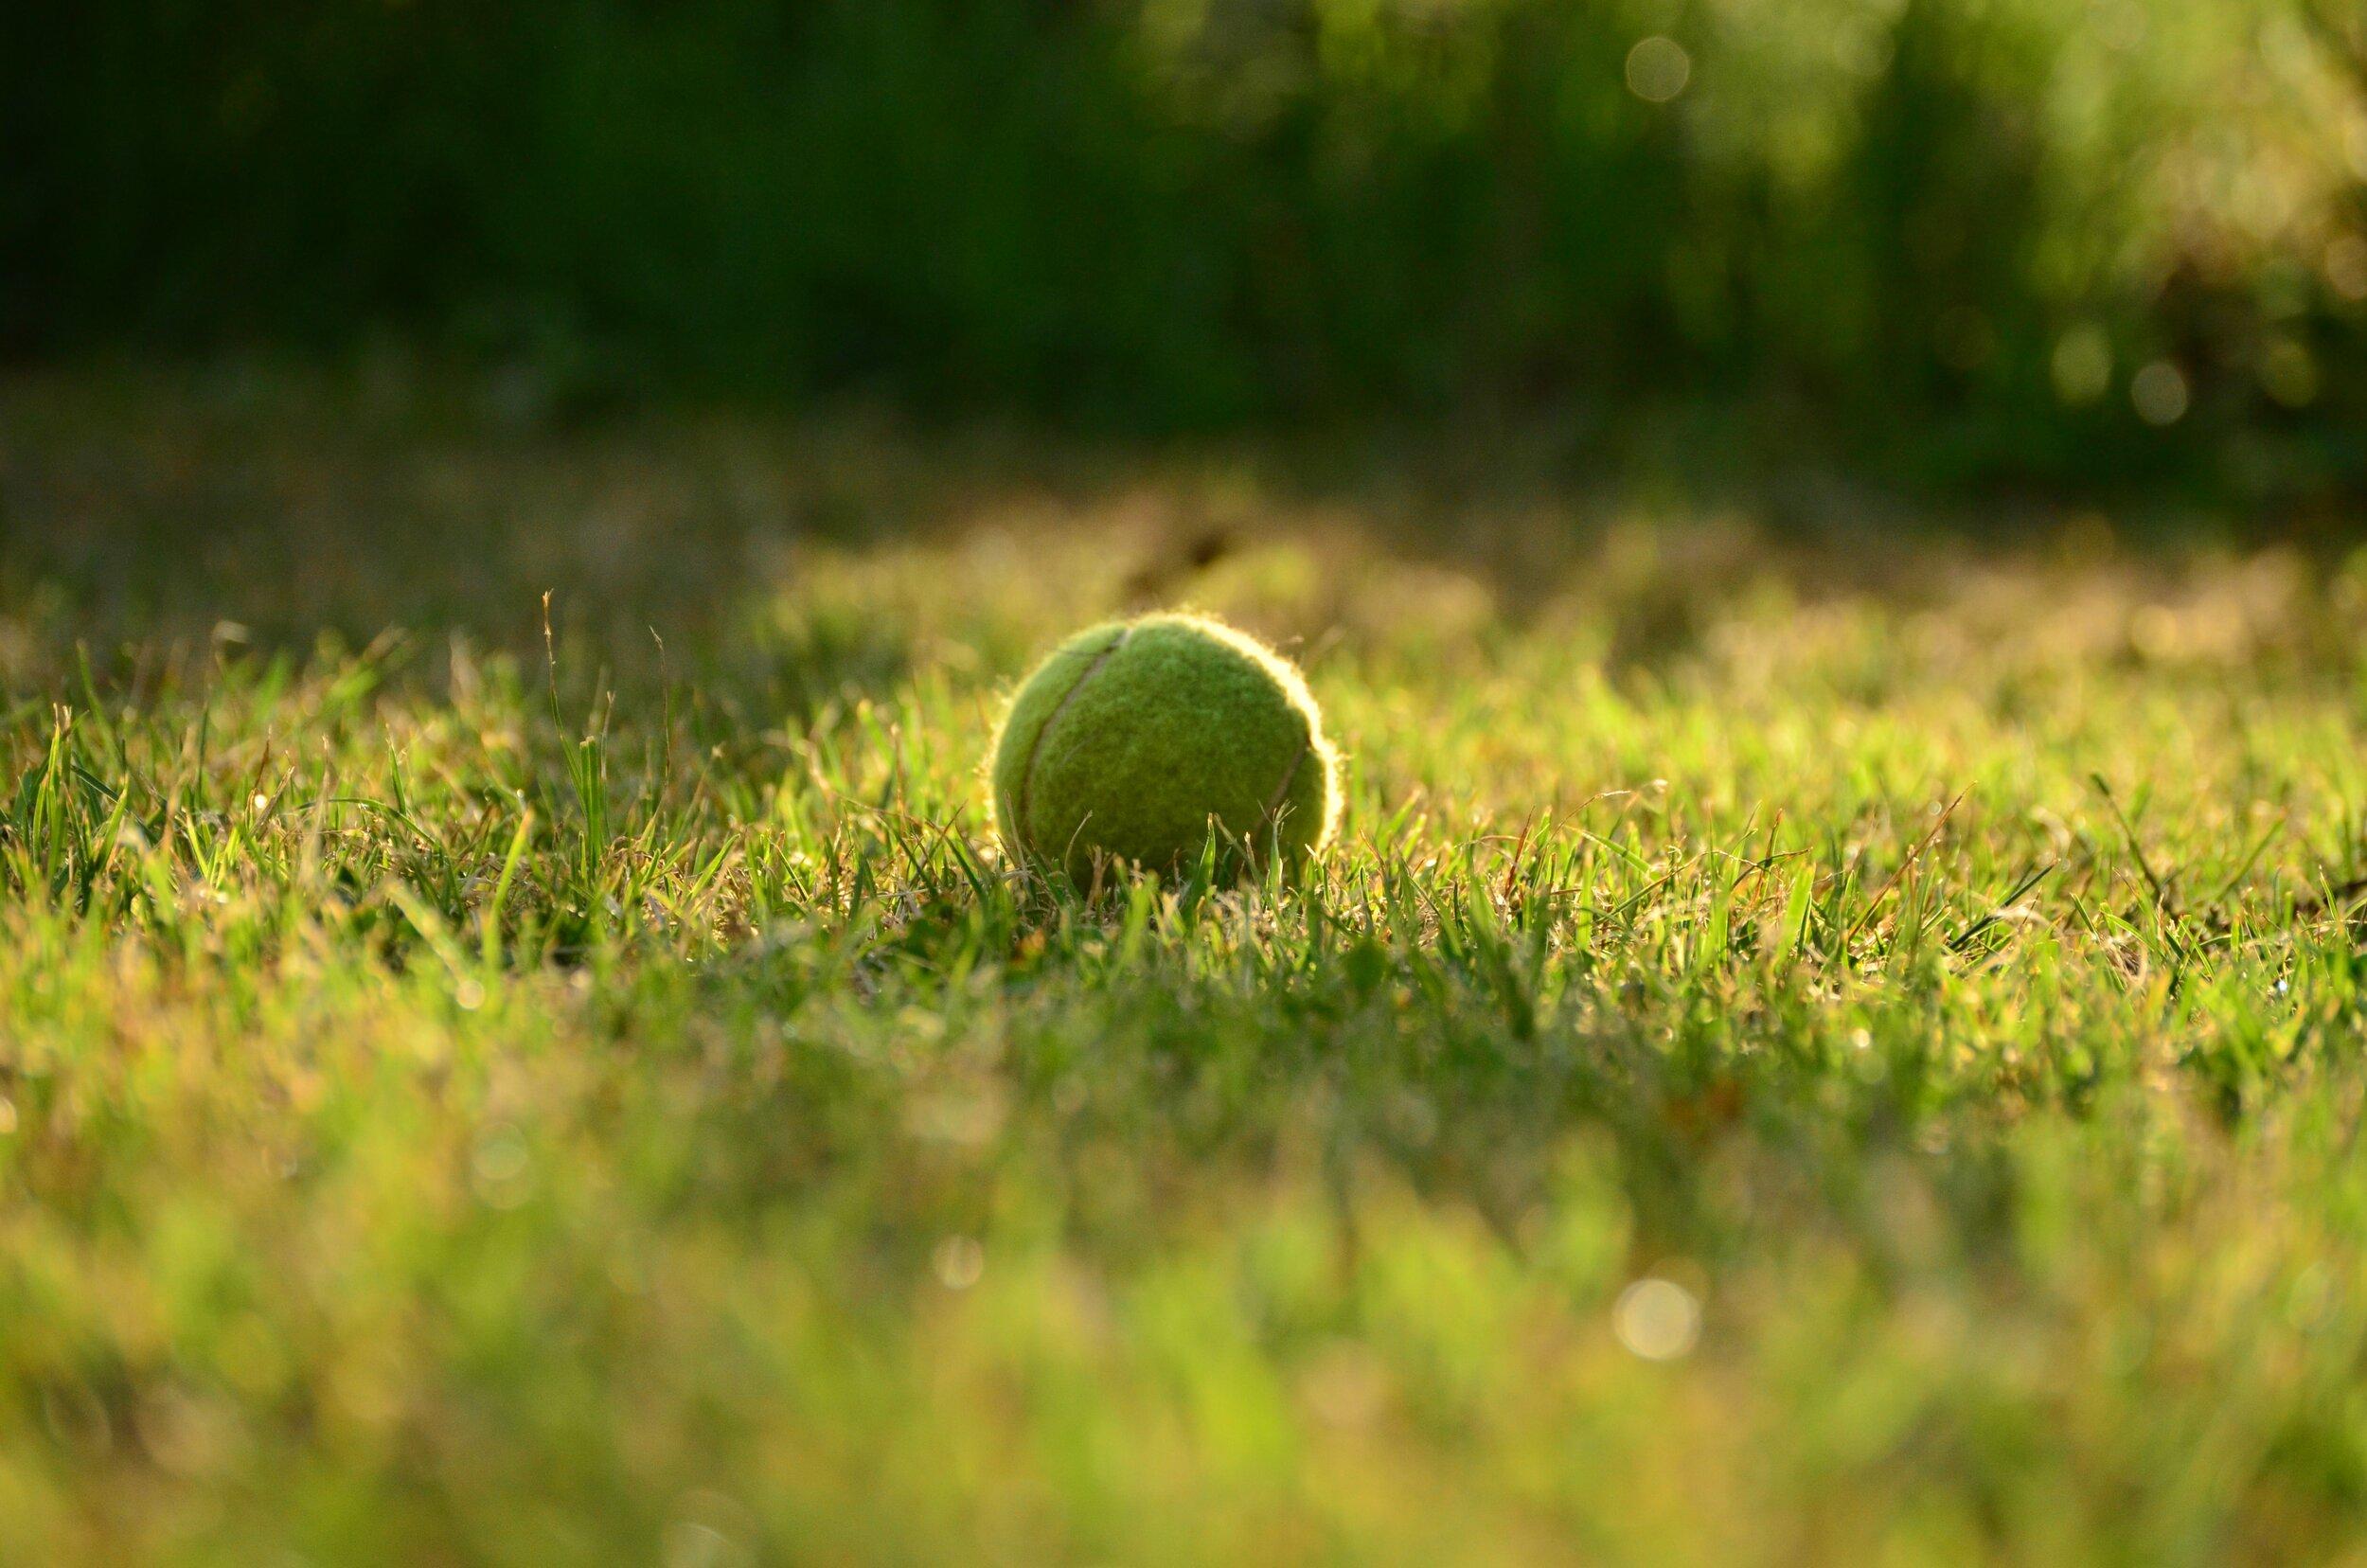 Tennis Ball in Grass